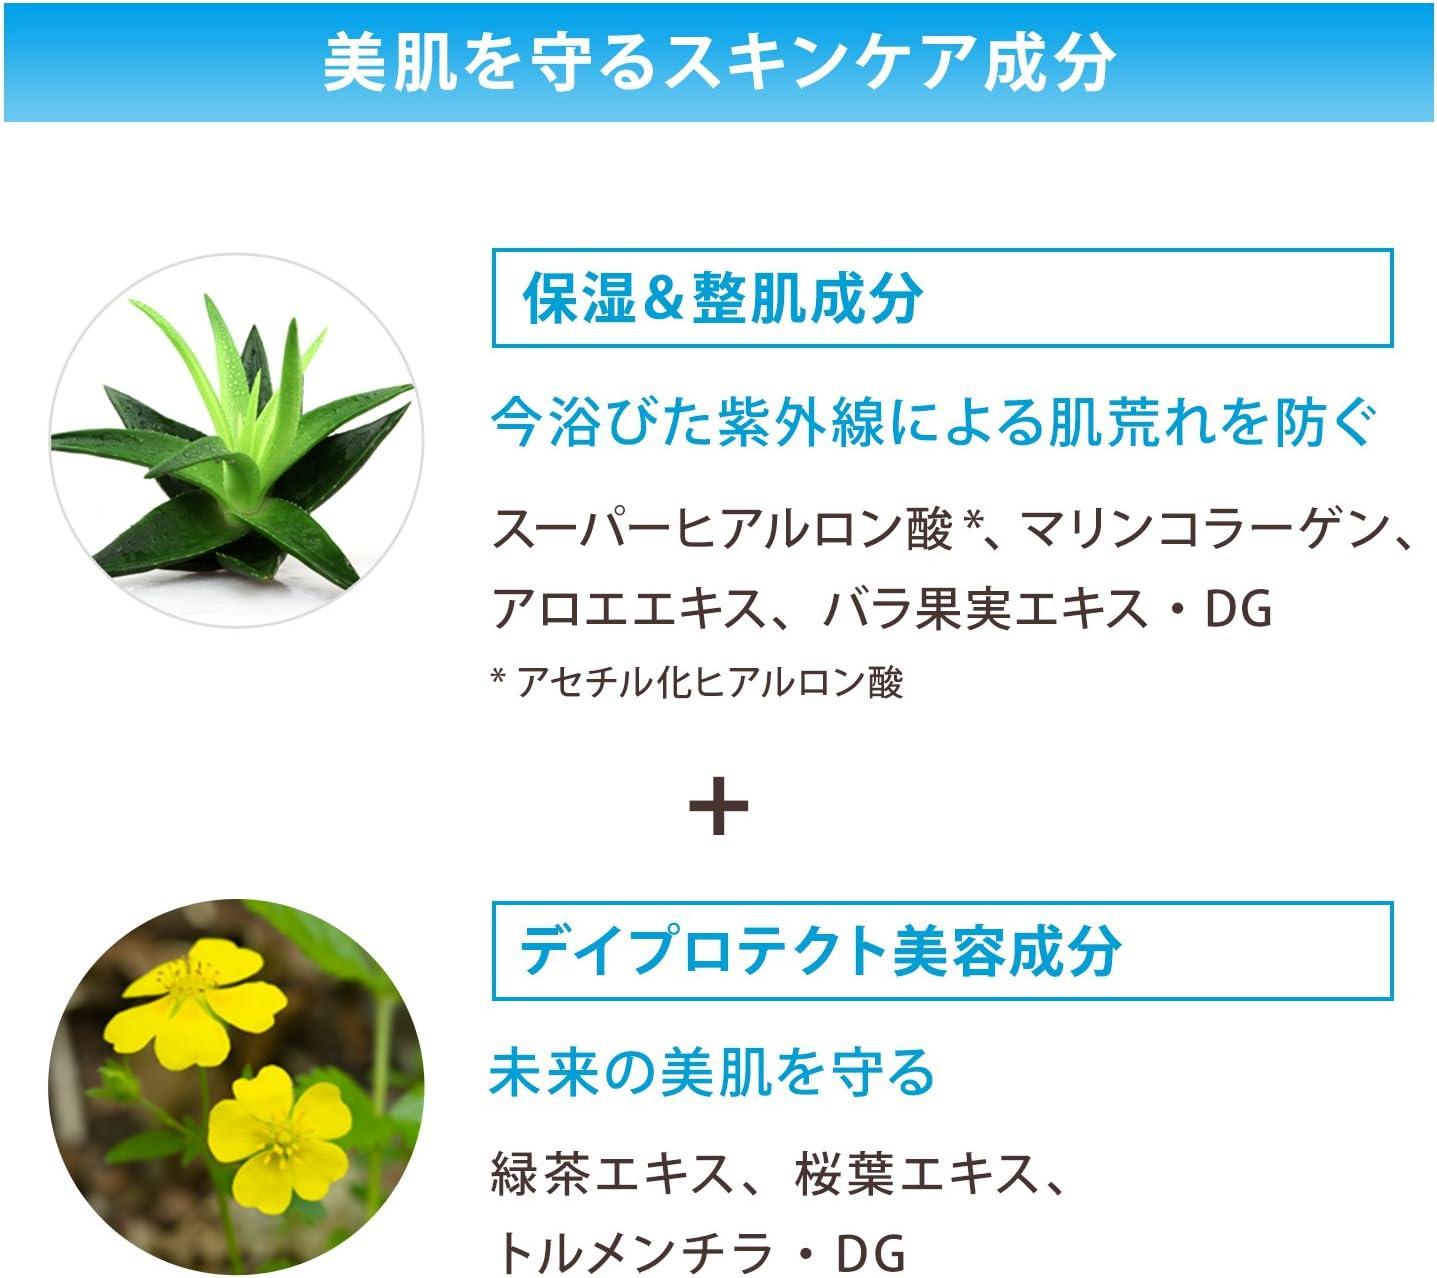 Thumbnail of アネッサ パーフェクトUV スキンケアミルク SPF50+ 60mL6$